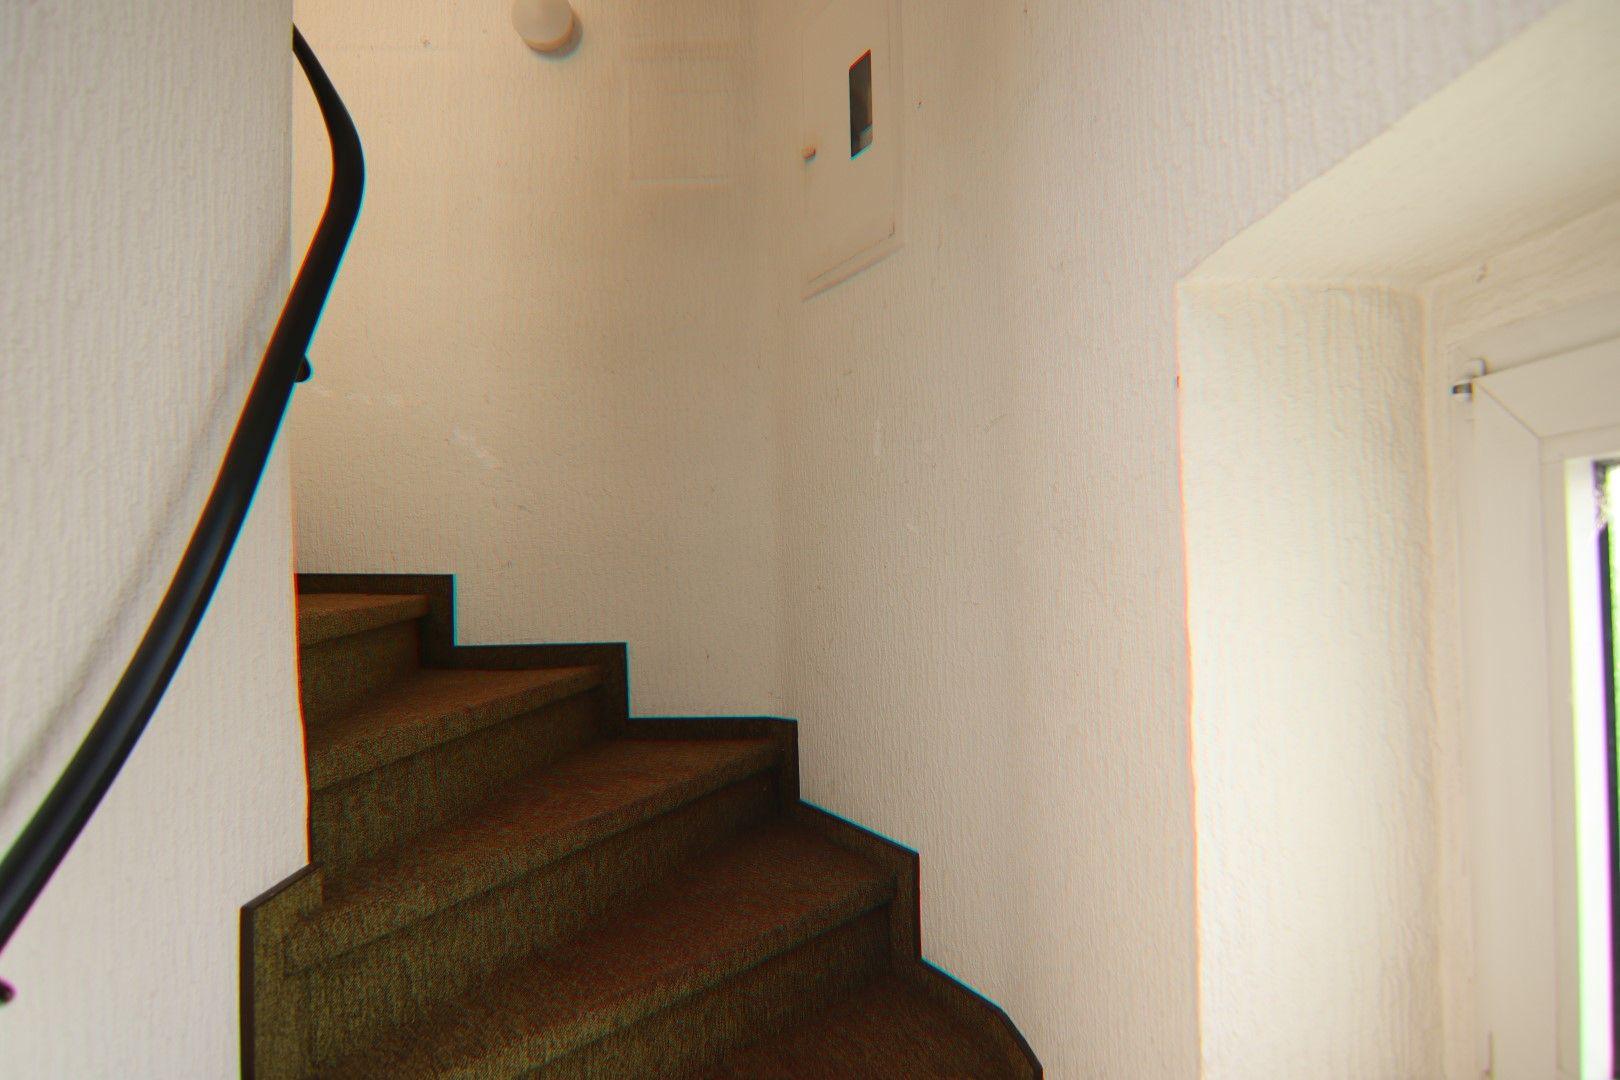 Immobilie Nr.0279 - Freistehendes EFH mit Anbau, Keller und Garage - Bild 6.jpg